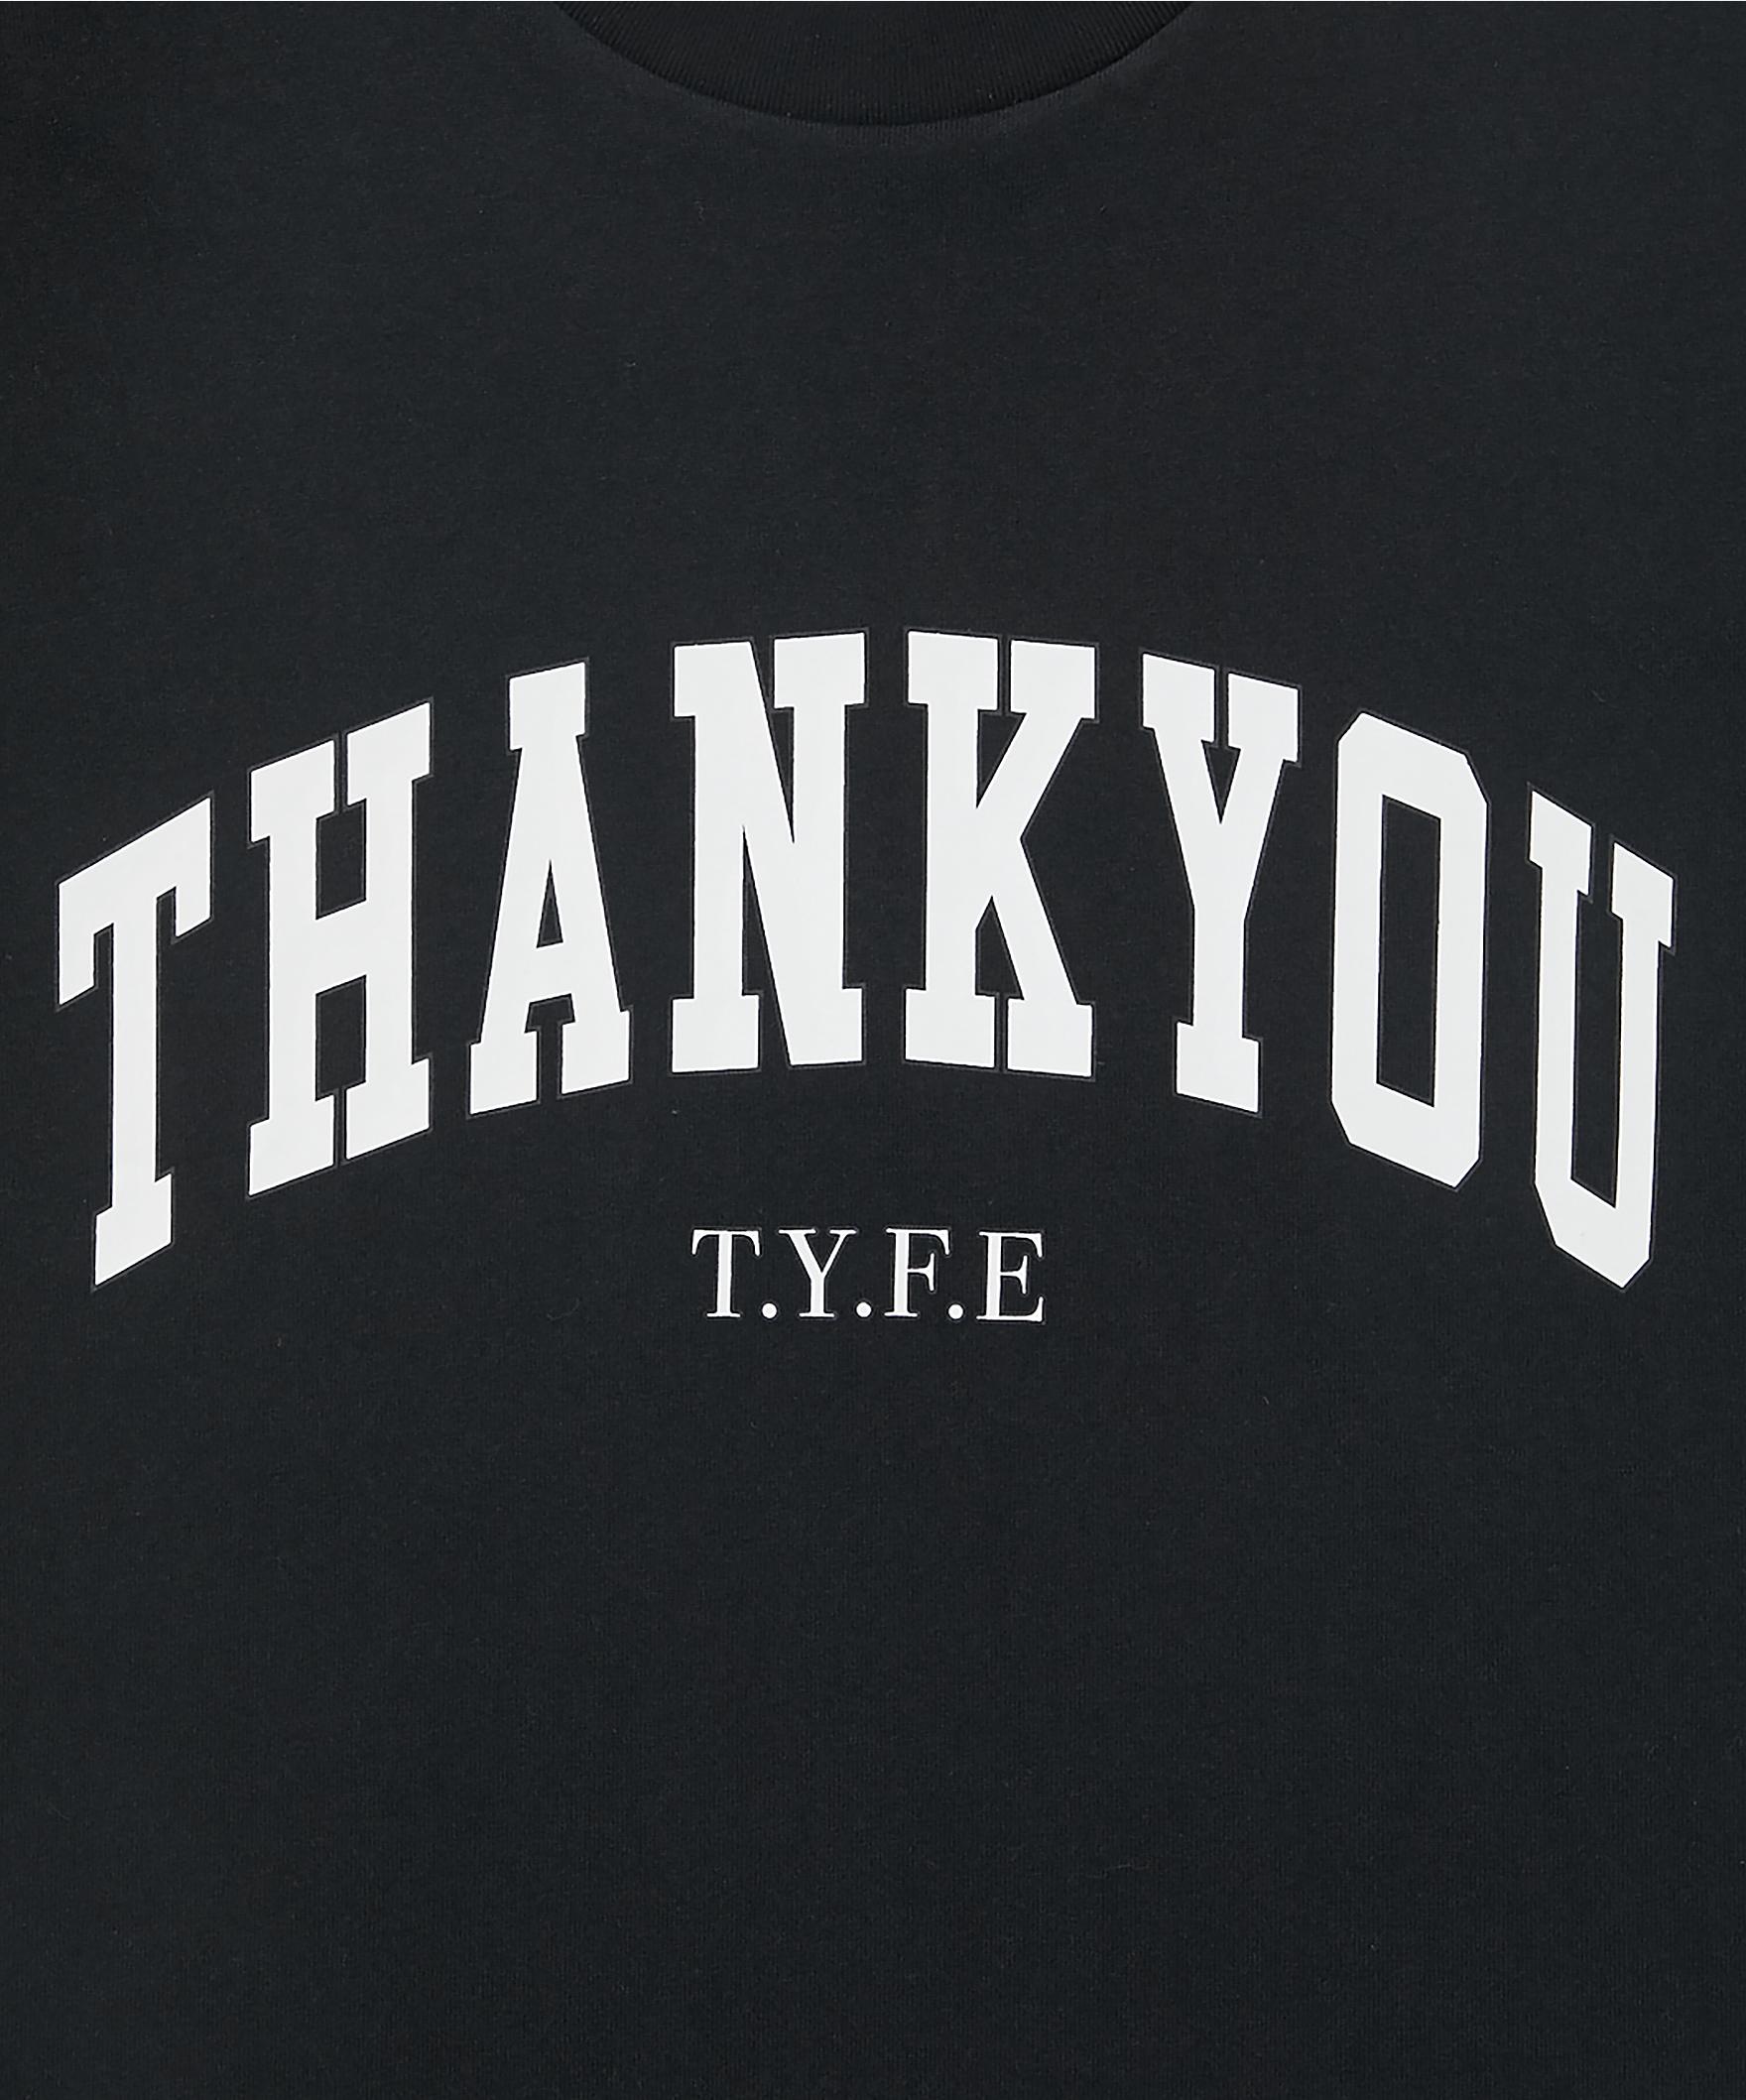 T.Y.F.E TEE